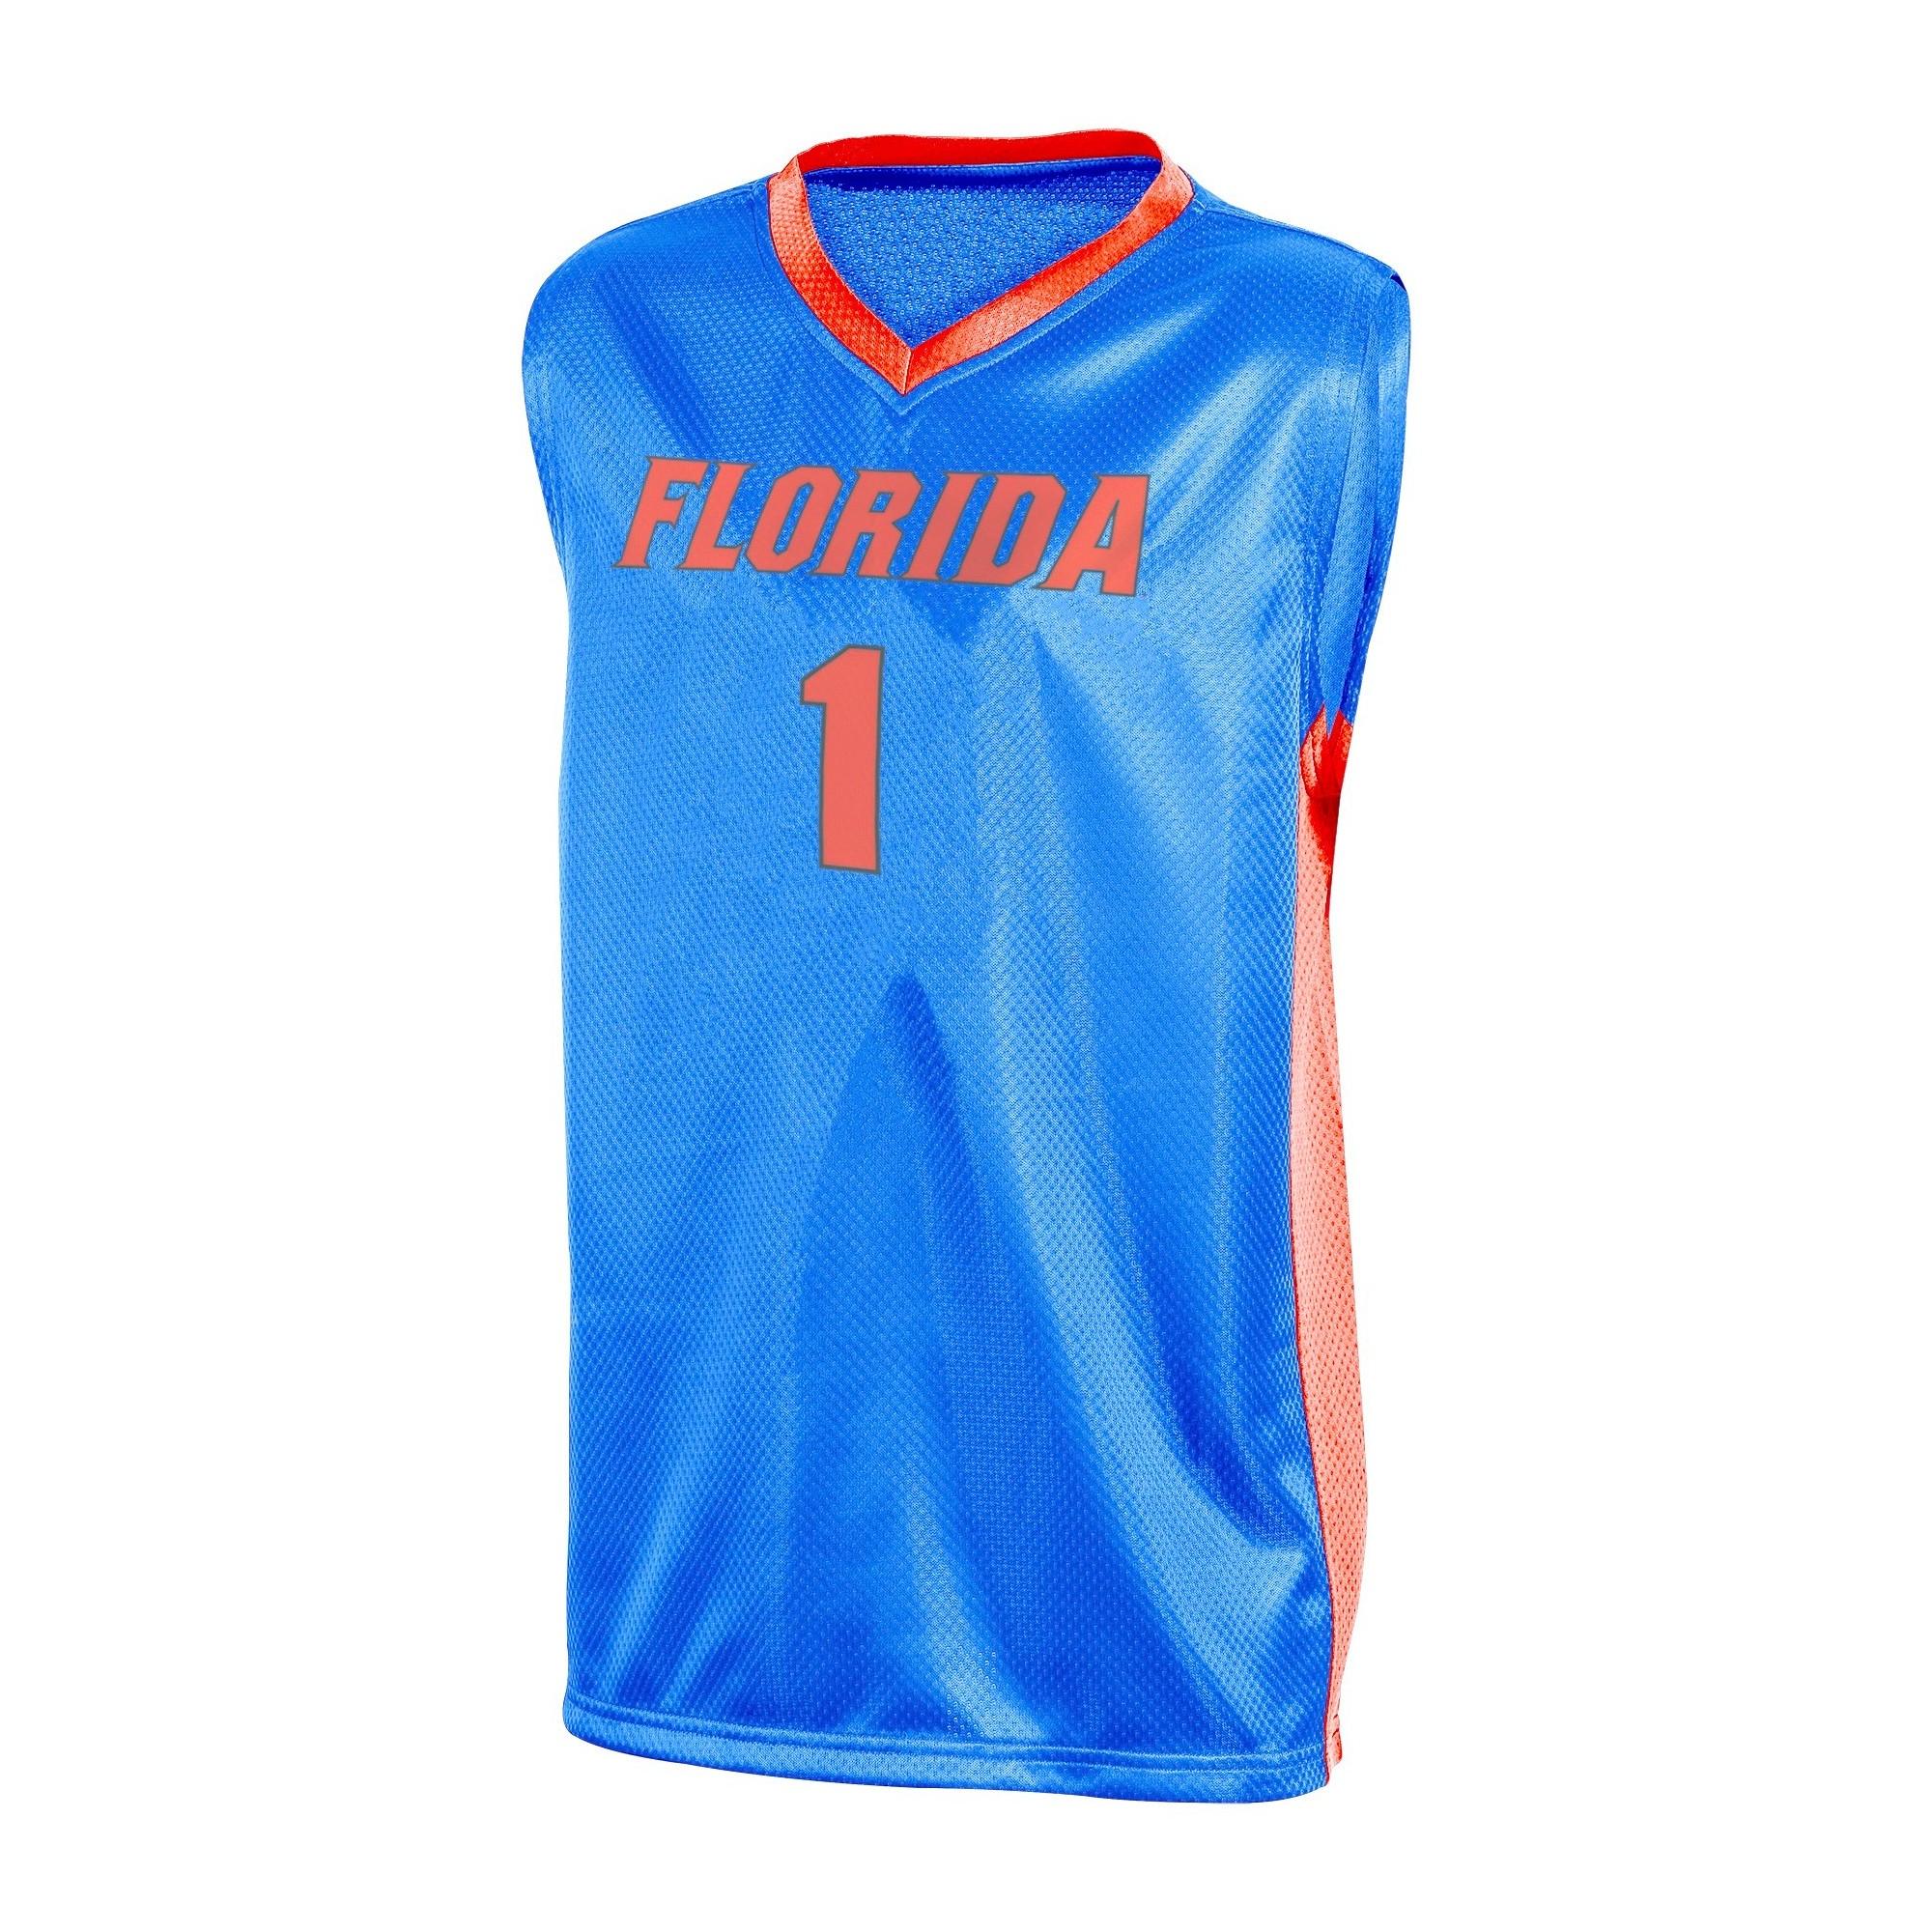 NCAA Florida Gators Boys  V-Neck Replica Basketball Jersey - XS ... dfb79e034